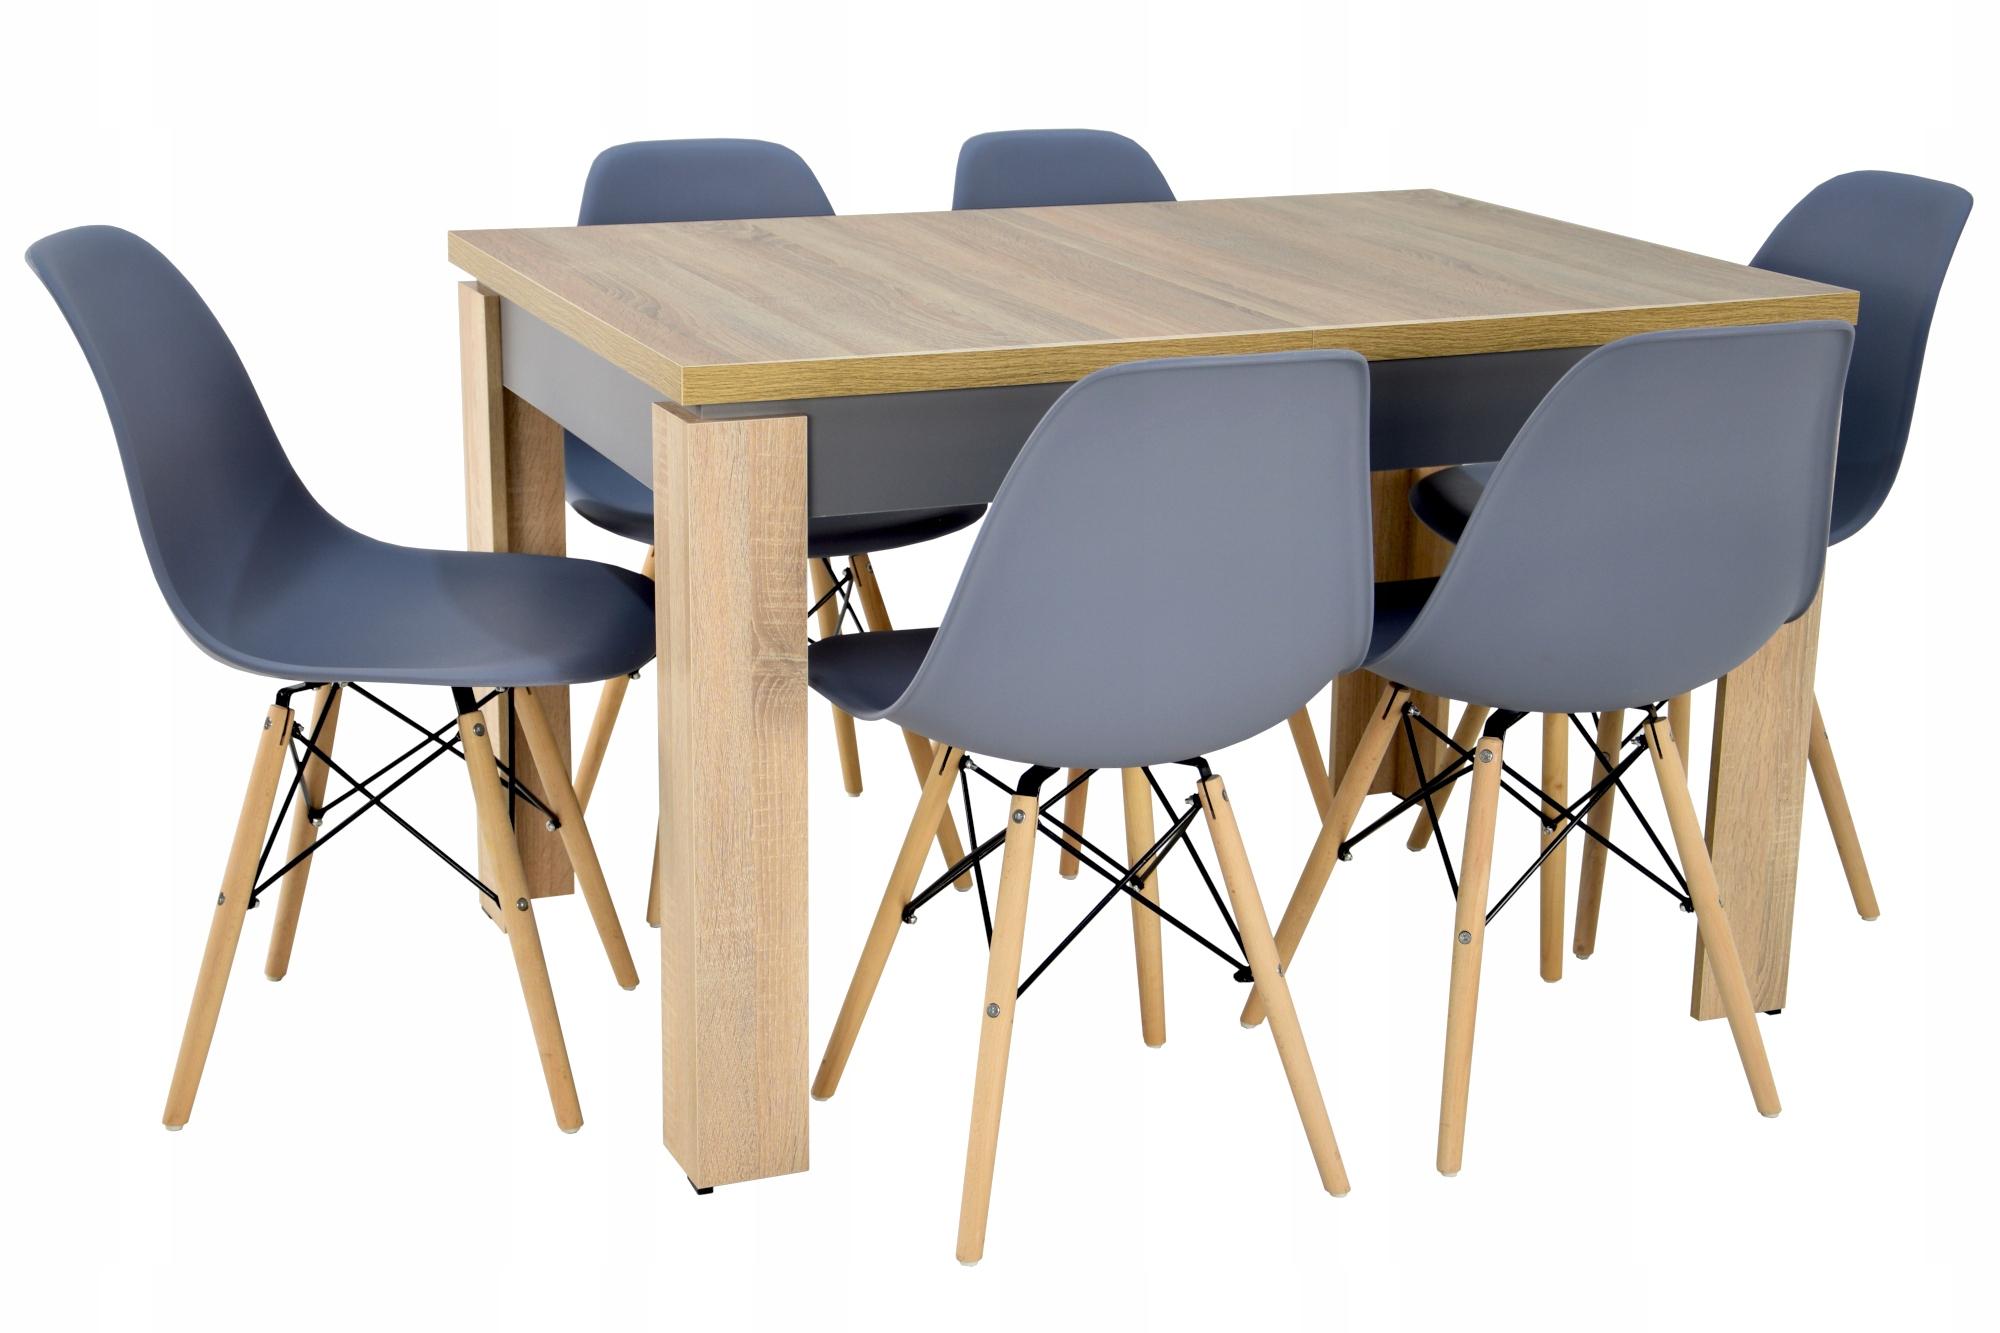 Раздвижной стол SONOMA и 6 стульев для гостиной